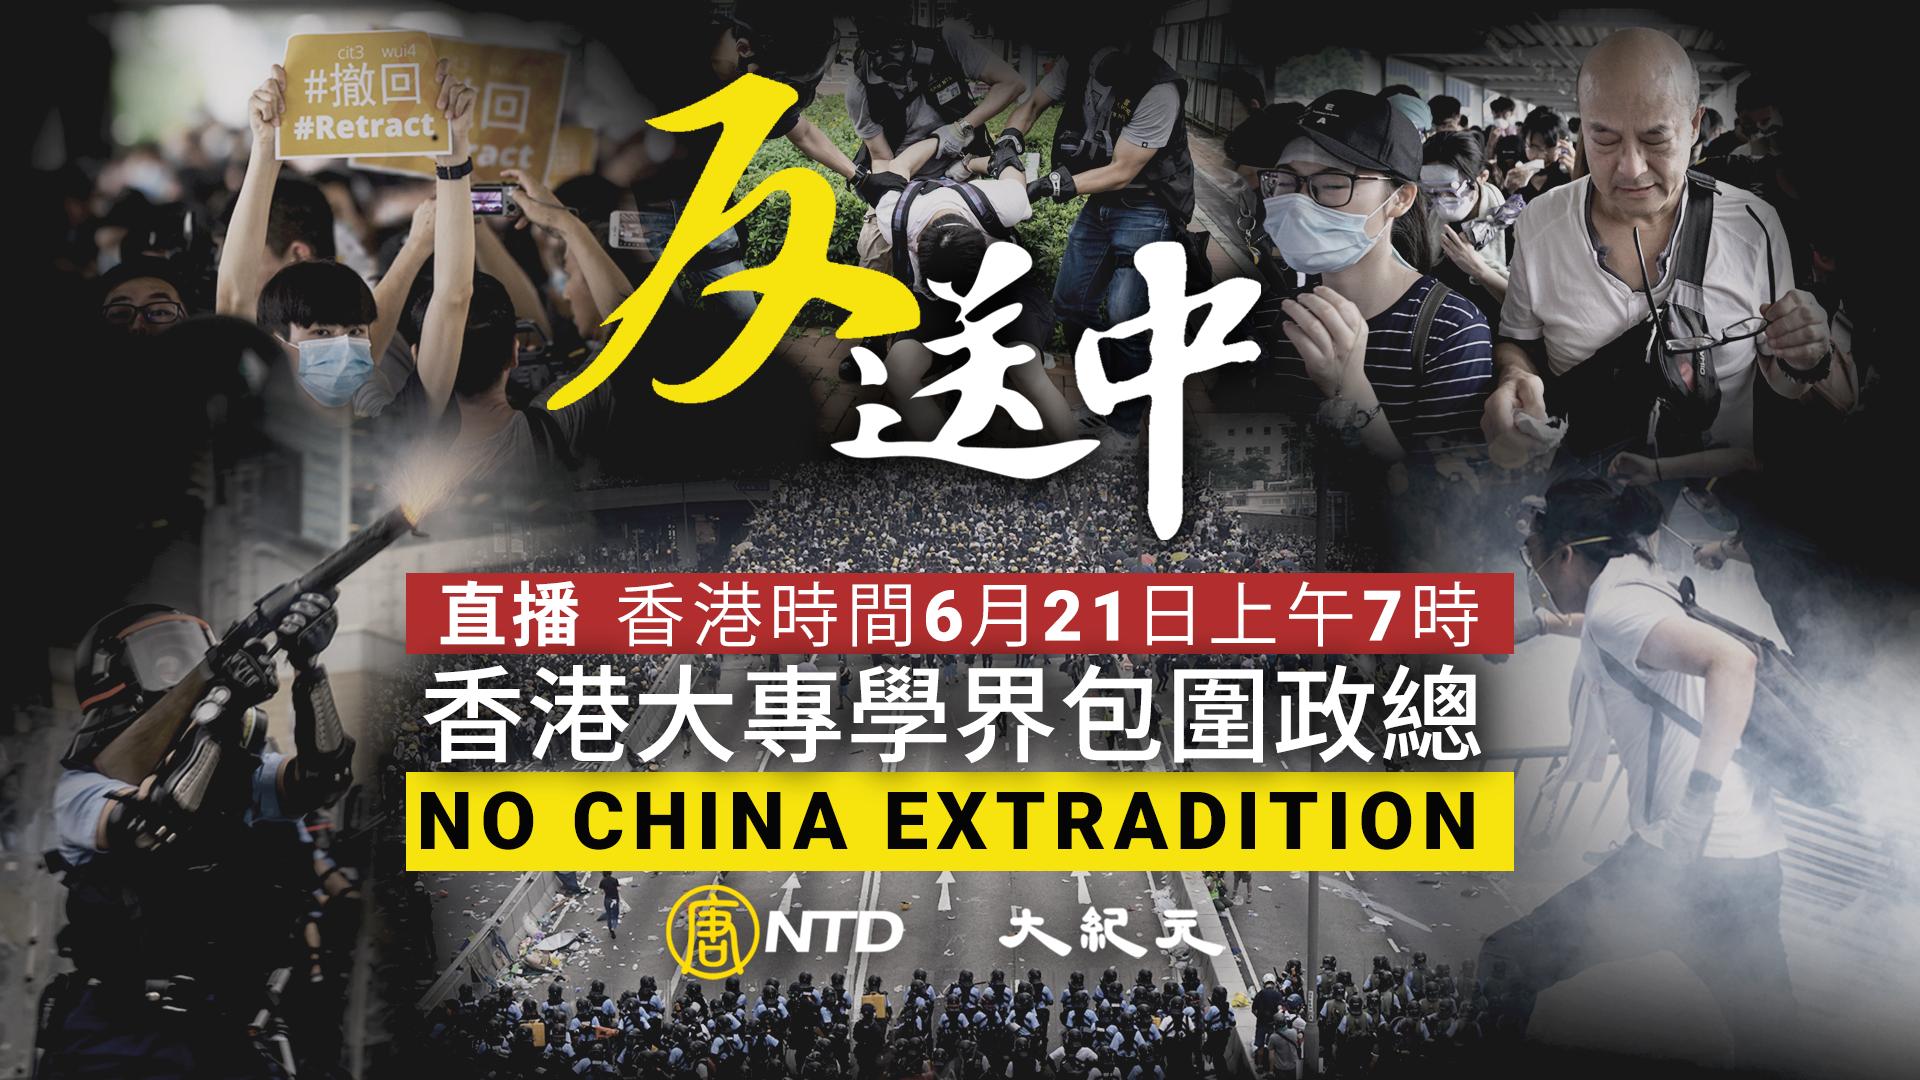 【6.21反送中直播】香港學生發起包圍政府總部行動